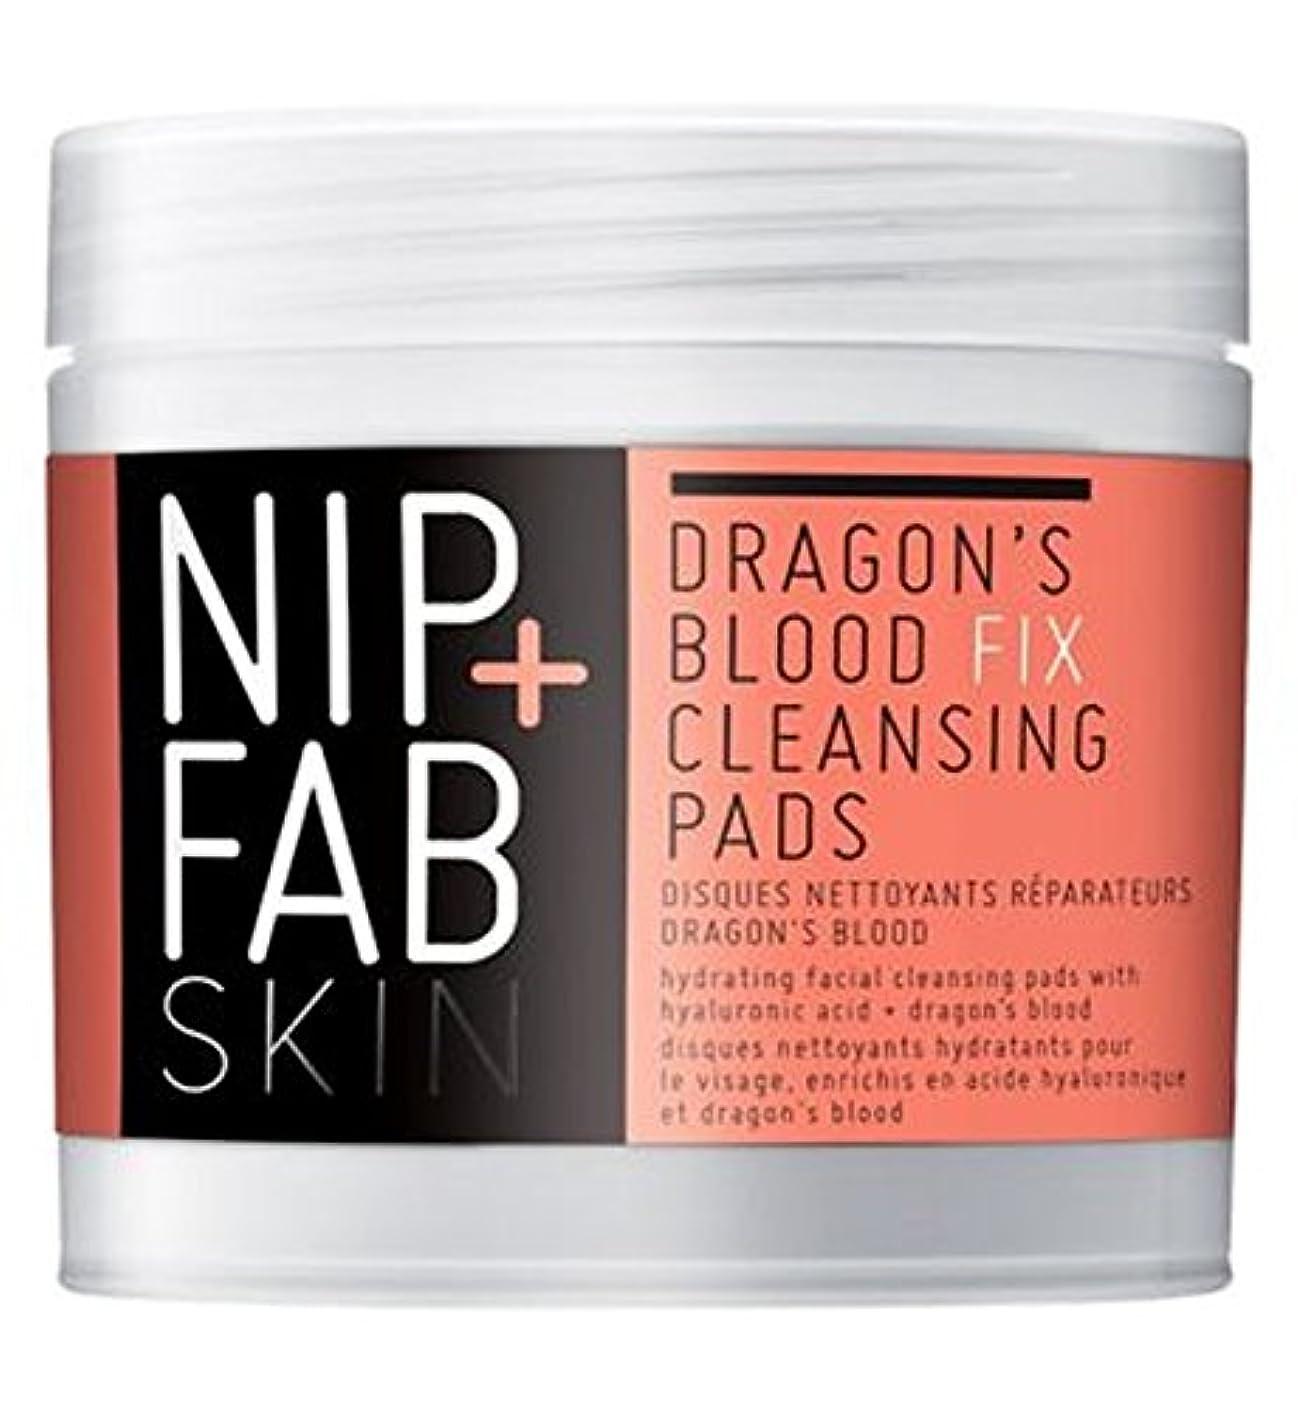 ベッド流すエレガント+ファブ竜の血修正パッド80ミリリットルニップ (Nip & Fab) (x2) - Nip+Fab Dragons Blood Fix Pads 80ml (Pack of 2) [並行輸入品]